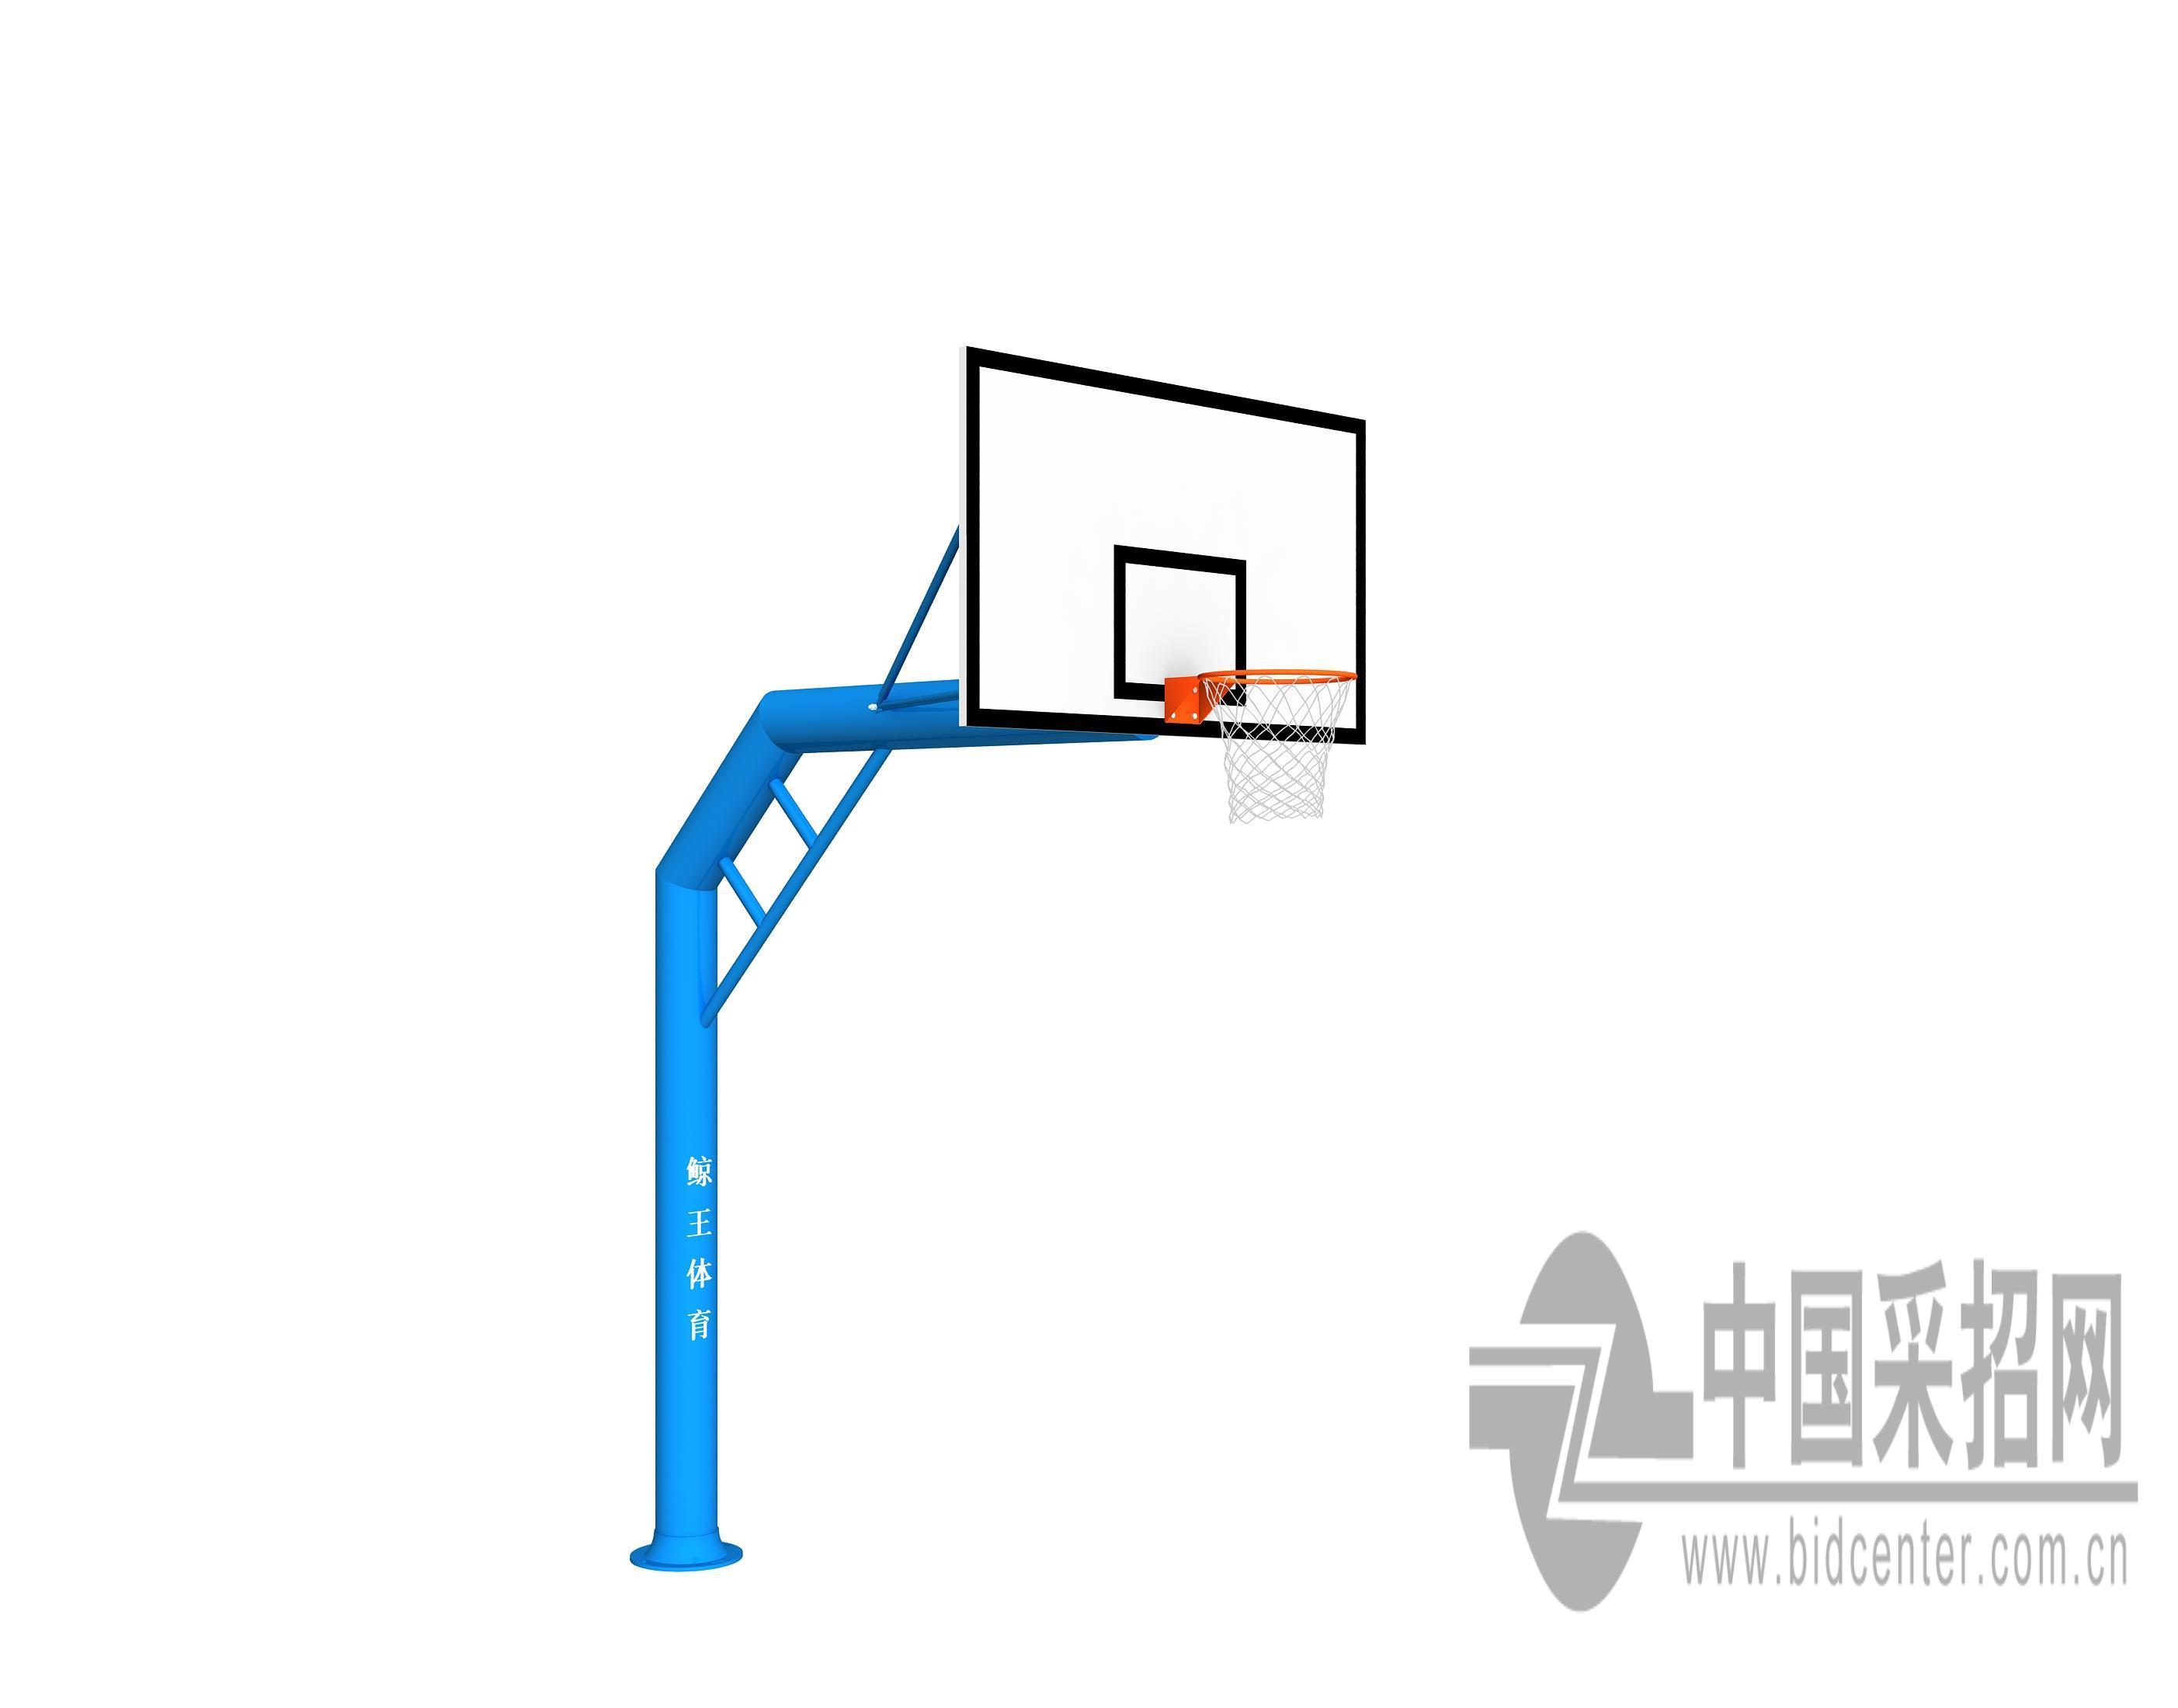 产品品牌:鲸王 产品型号:JW-006 产品名称:单臂圆管篮球架(地理式) 产品规格: 1臂展:1600mm 2钢材:主管钢材厚度3.25mm , 优质钢,主管直径220mm 3篮板规格:纤维篮球板,1800*1050*30.00mm(长宽厚) 4颜色:见图,(可根据买方的要求调配) 5重量:约320公斤 产品描述: 经济简约实用,结构合理、简约美观,坚实牢固,底座采用一次性铸造成型;篮板采用国际通用高强度安全玻璃篮板,透明度高,不易模糊,耐候性高,安全度高等特点配高档弹簧篮球圈。篮球架外表防锈处理采用两